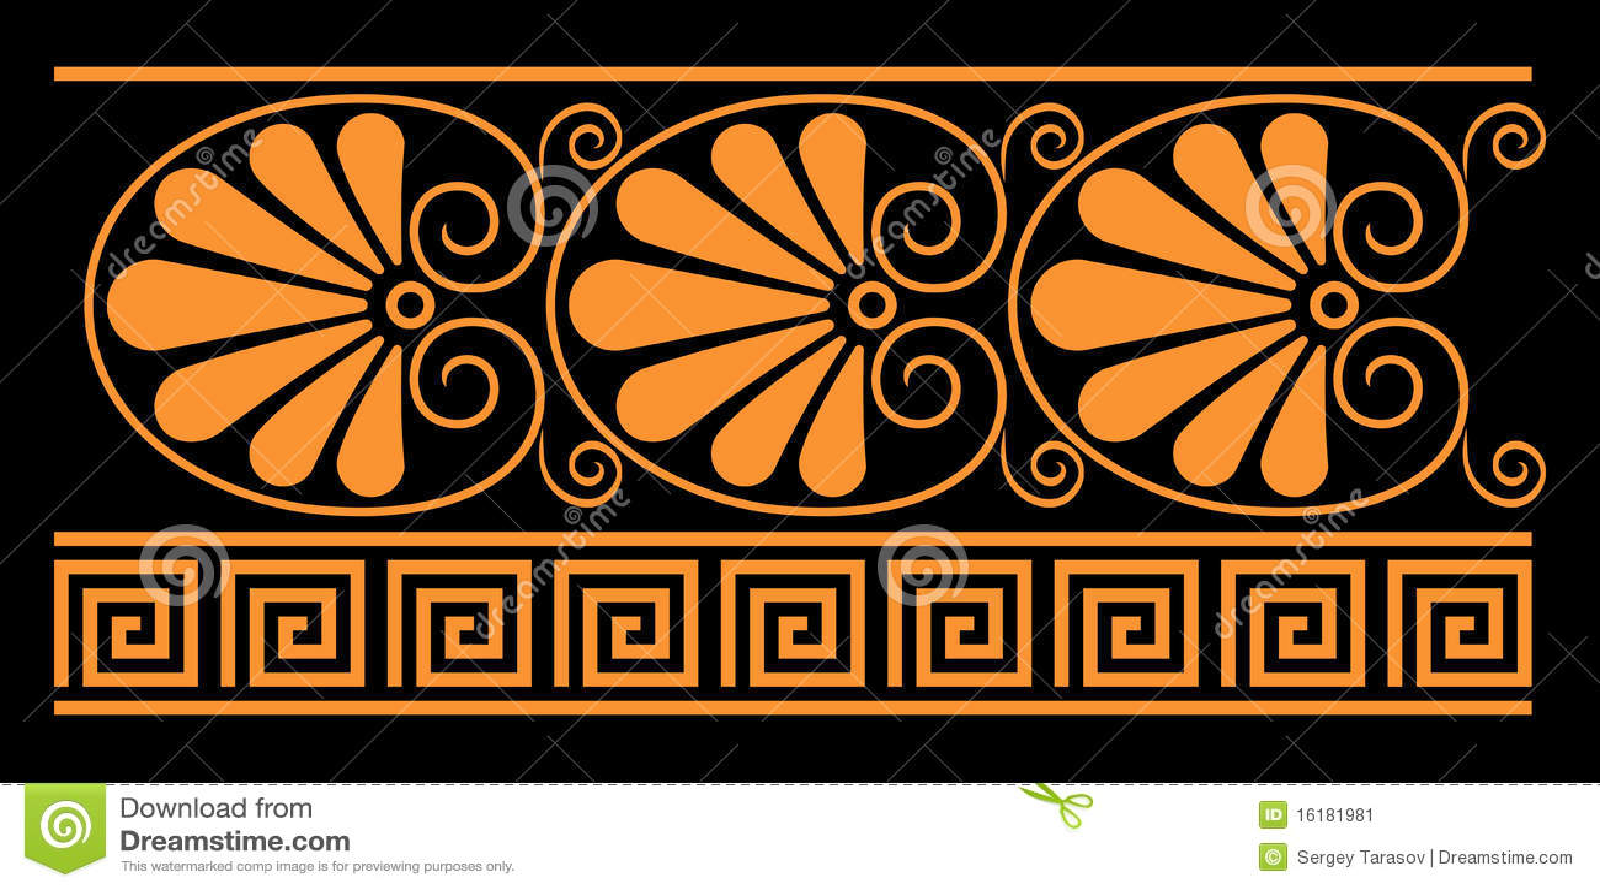 Elementi decorativi del greco antico illustrazione for Le greche decorazioni